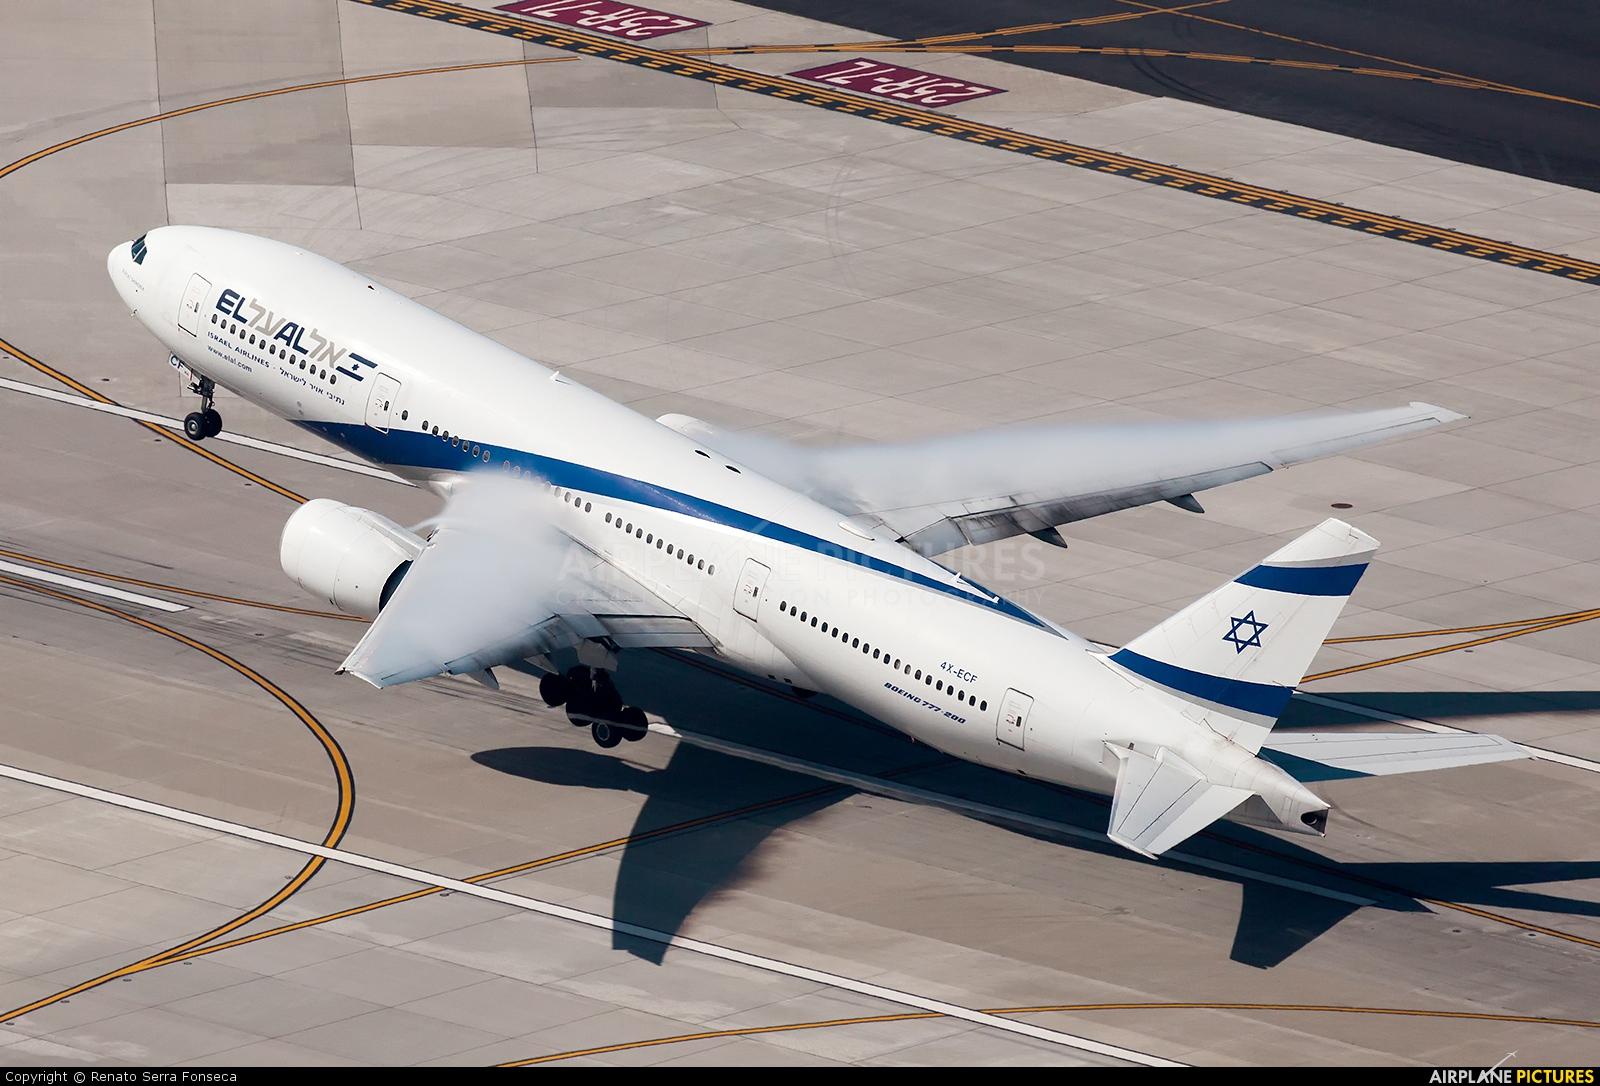 El Al Israel Airlines 4X-ECF aircraft at Los Angeles Intl